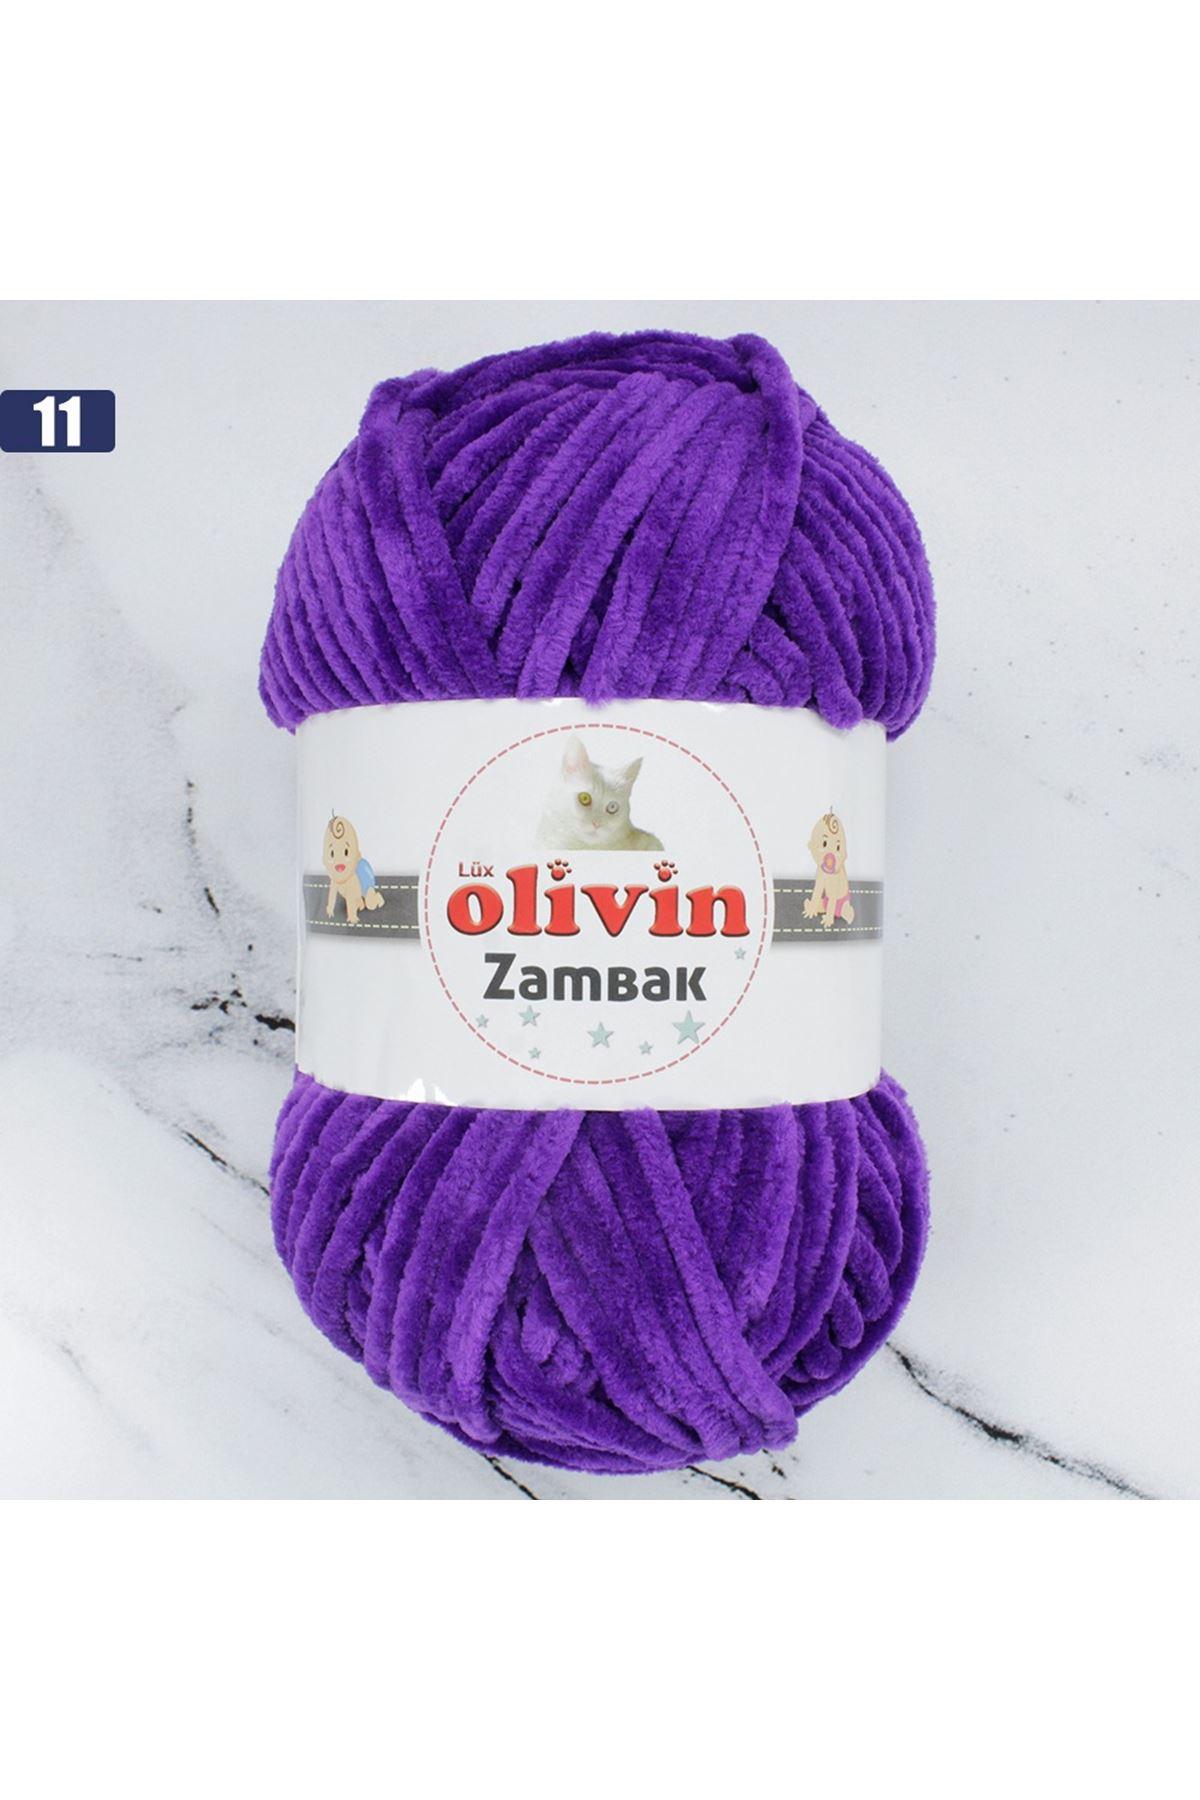 Olivin Zambak 11